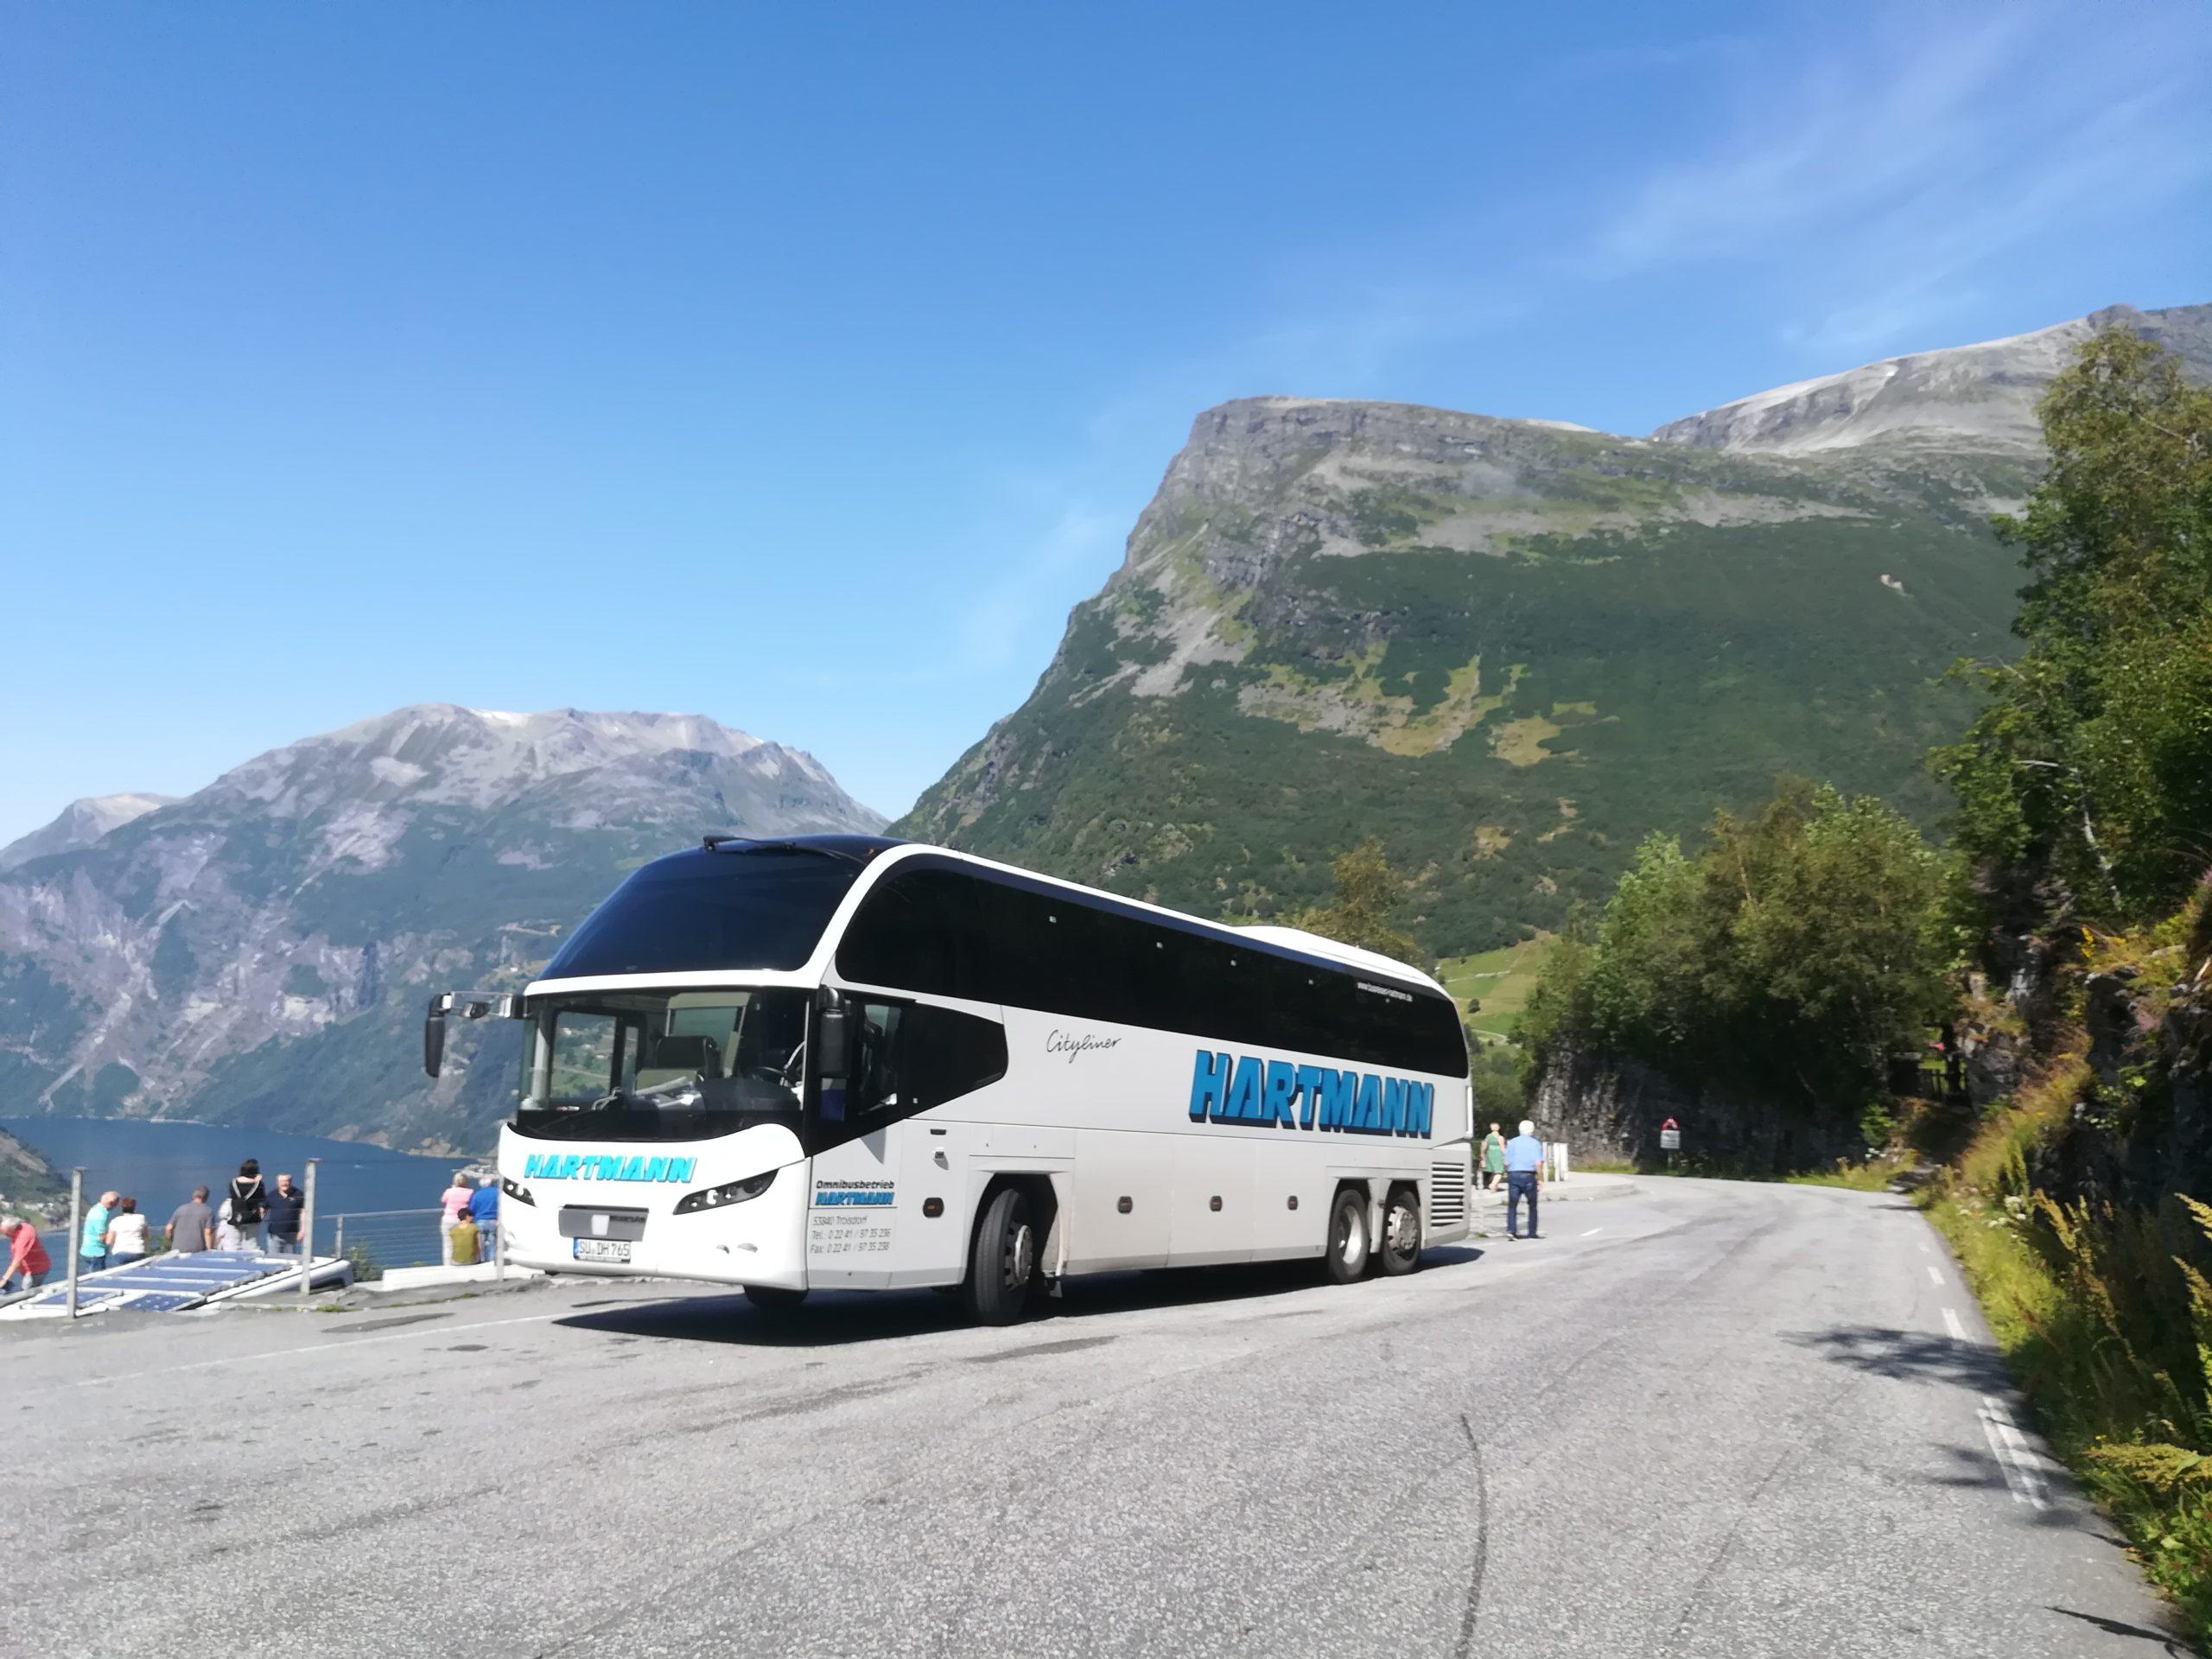 Firmenreisen Skandinavien Nordeuropa Norwegen weißer Bus mit getönten Scheiben kurz vor dem Geiranger im Hintergrund Berge